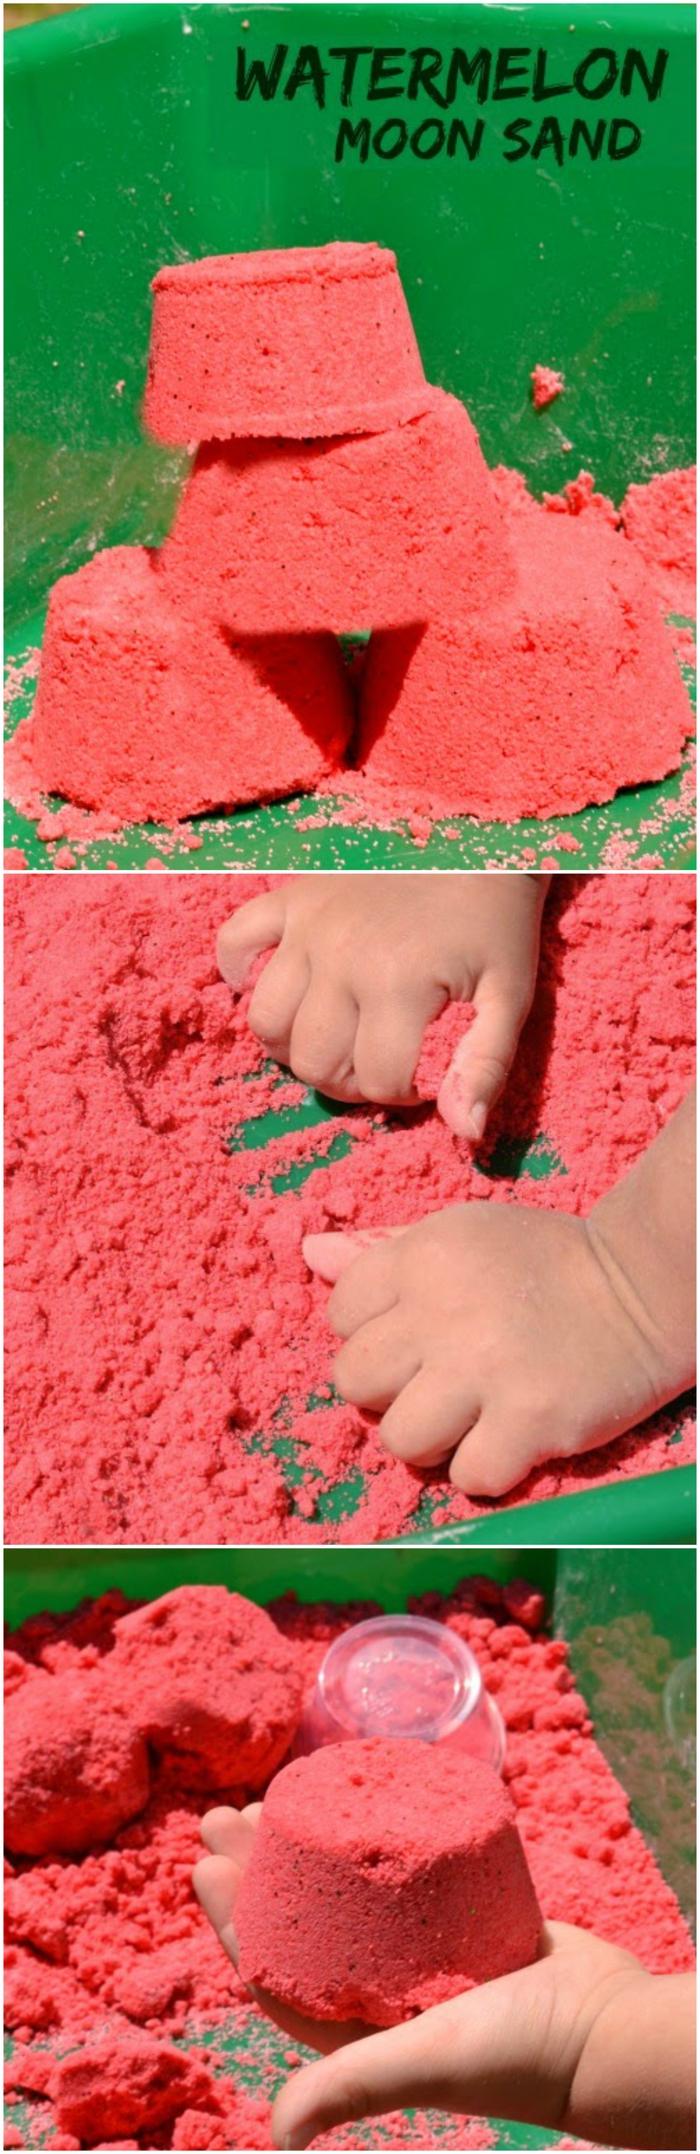 un bac sensoriel avec du sable cinétique fait maison de couleur pastèque, idées d'activités sensorielles pour les vacances d'été